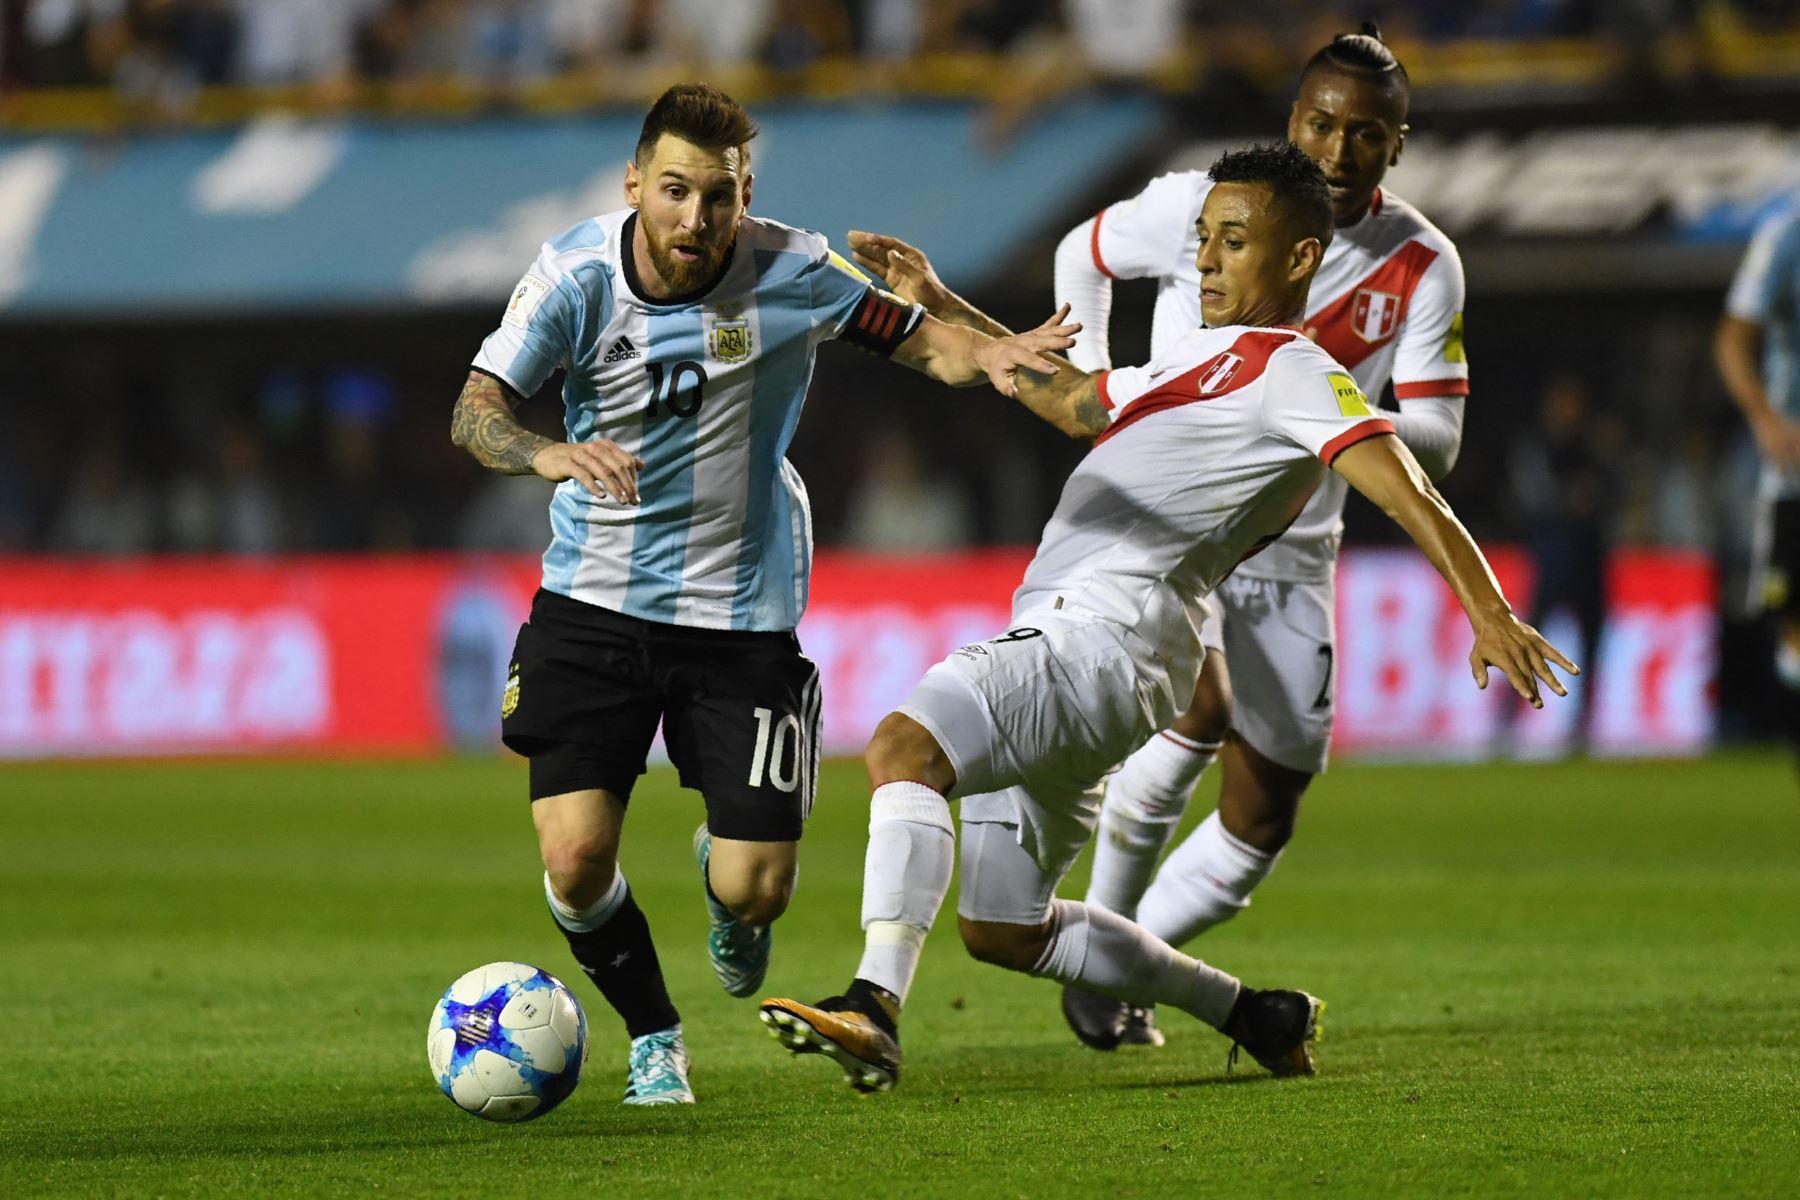 La selección peruana tiene la misión de arrebatarle puntos a Argentina